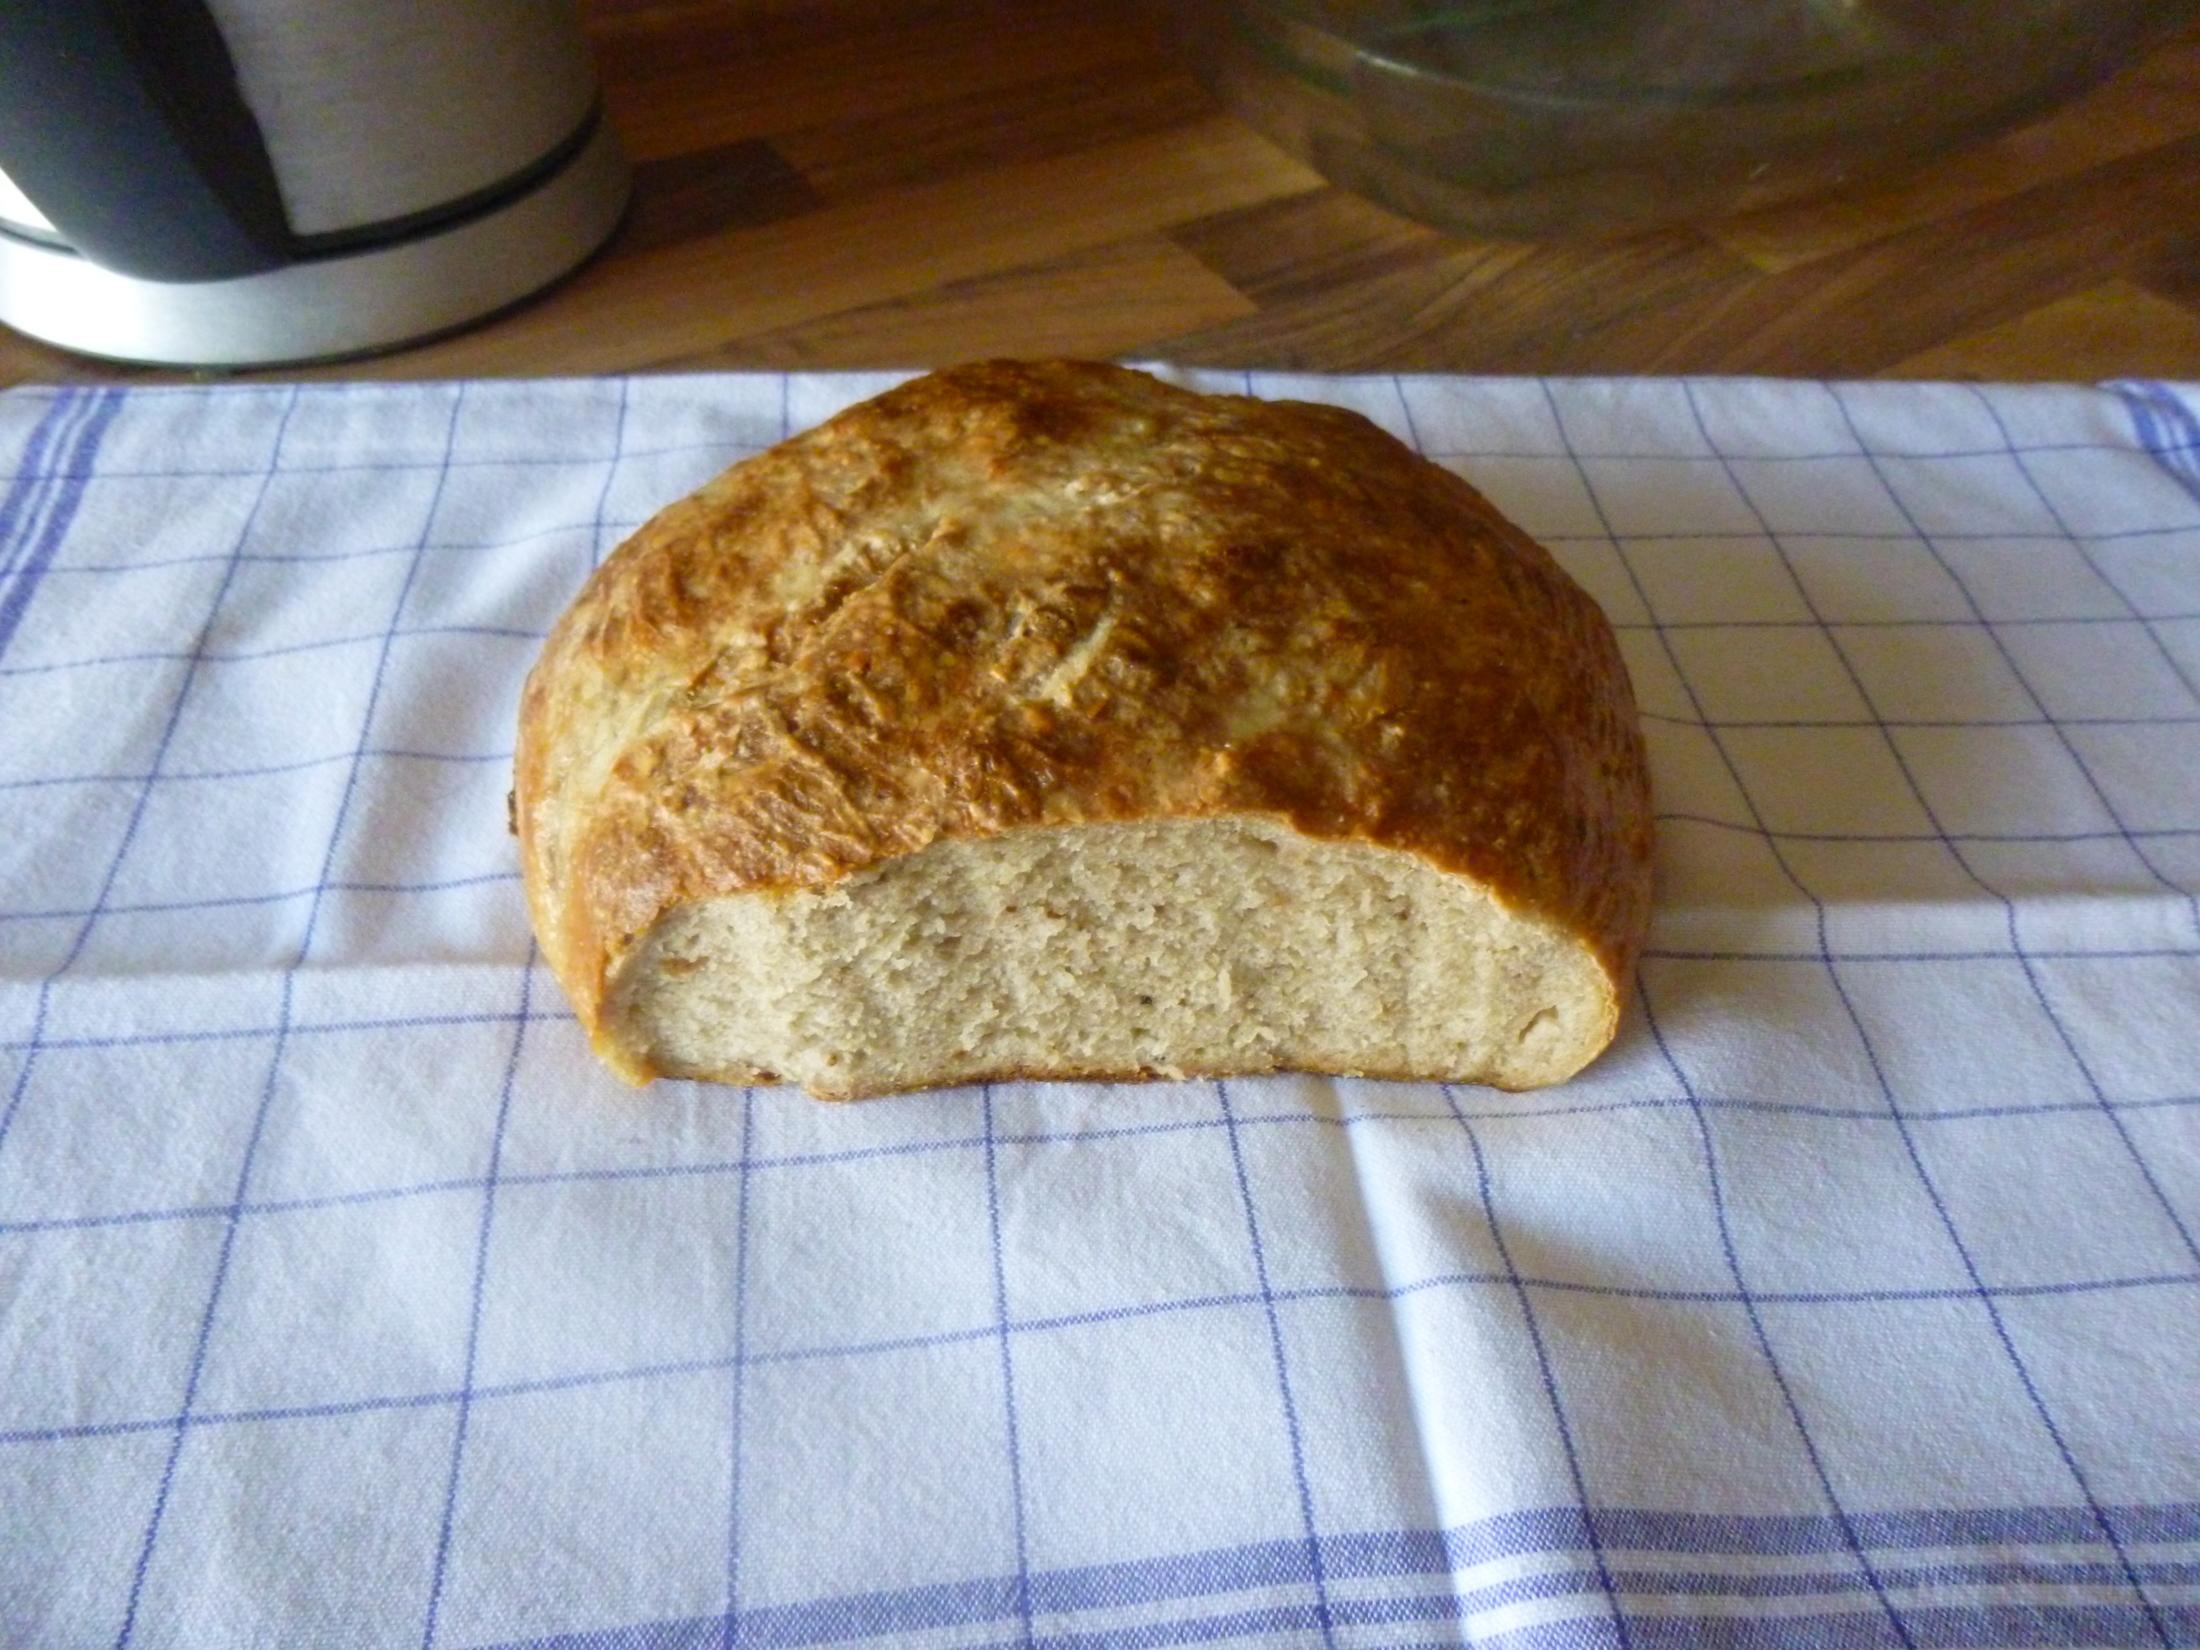 Recept Babiččin chleba - Úžasnenej chlebík, do kvasnic přidaný kostičky starýho tvrdýho chlba, perpetum mobile****